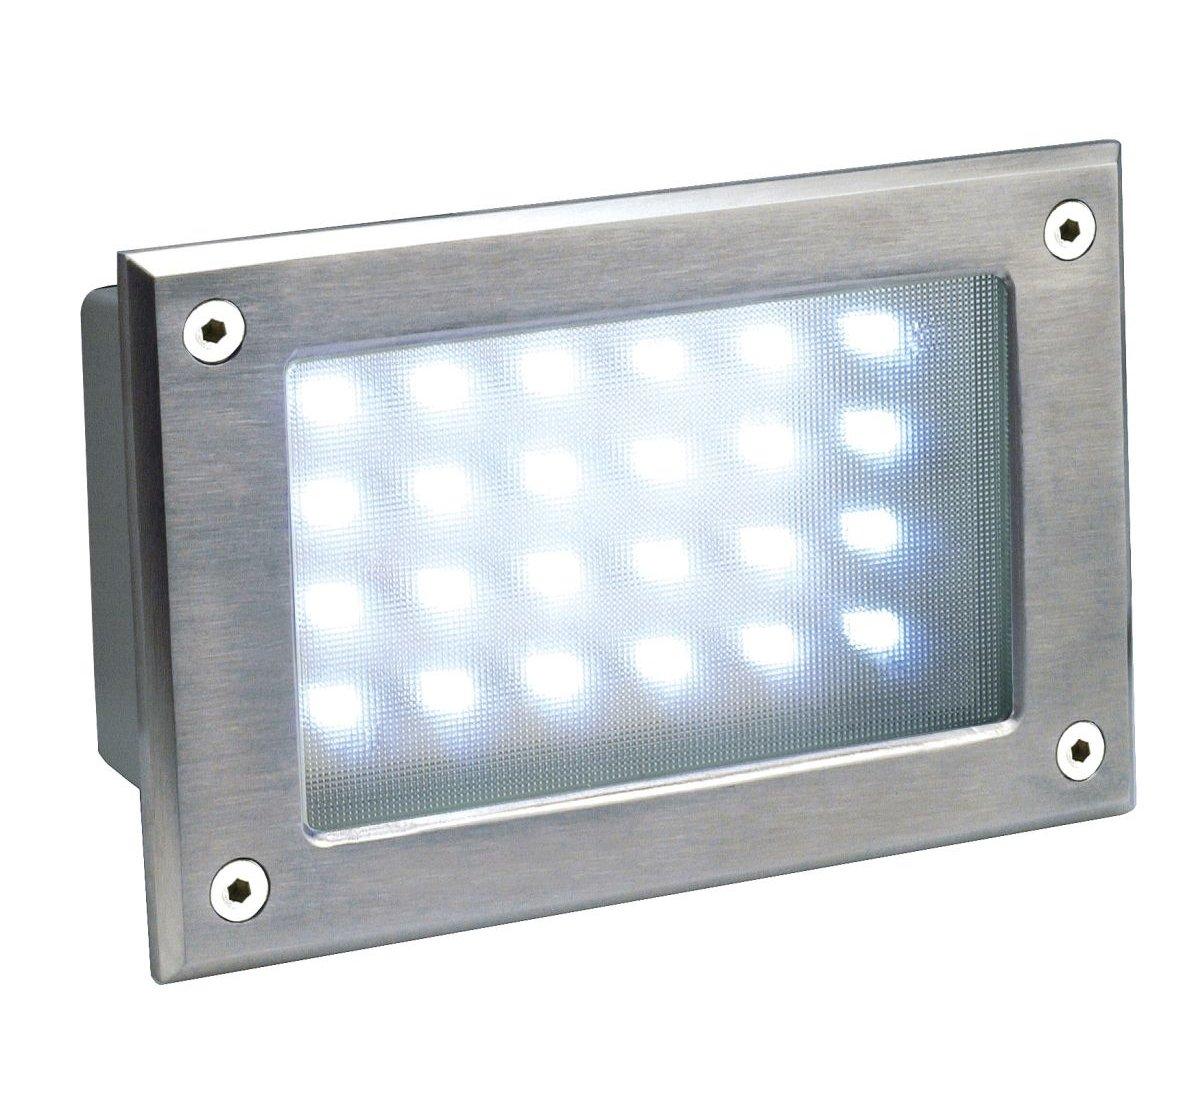 SLV Lighting 3229122U Brick LED Recessed Wall Lamp